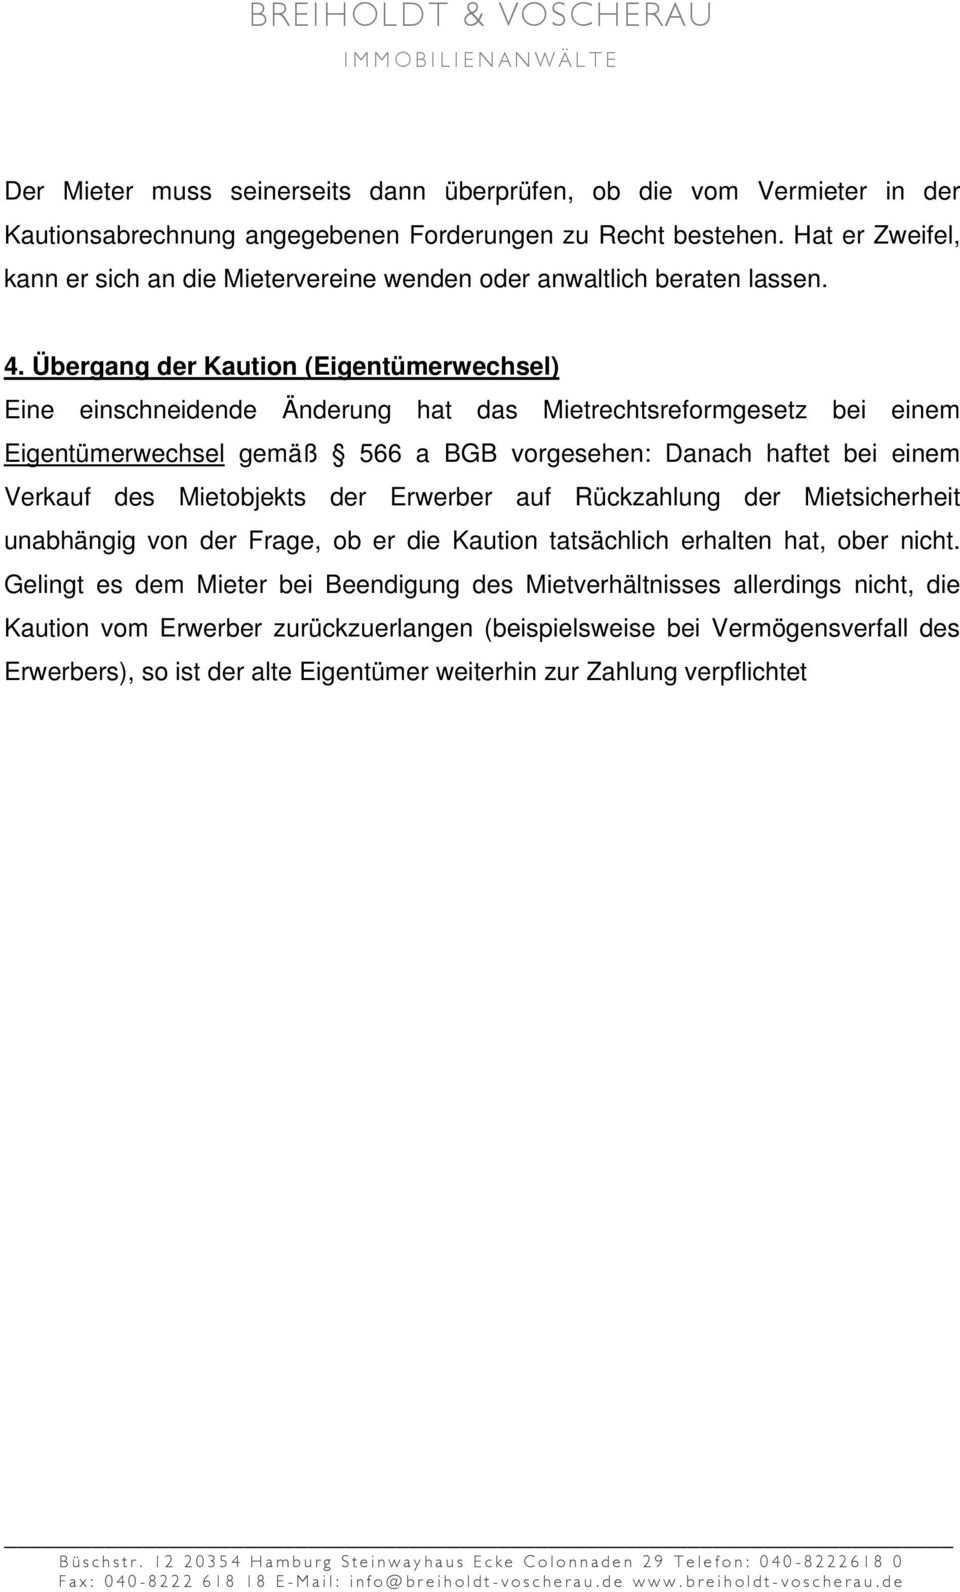 Breiholdt Voscherau Pdf Kostenfreier Download